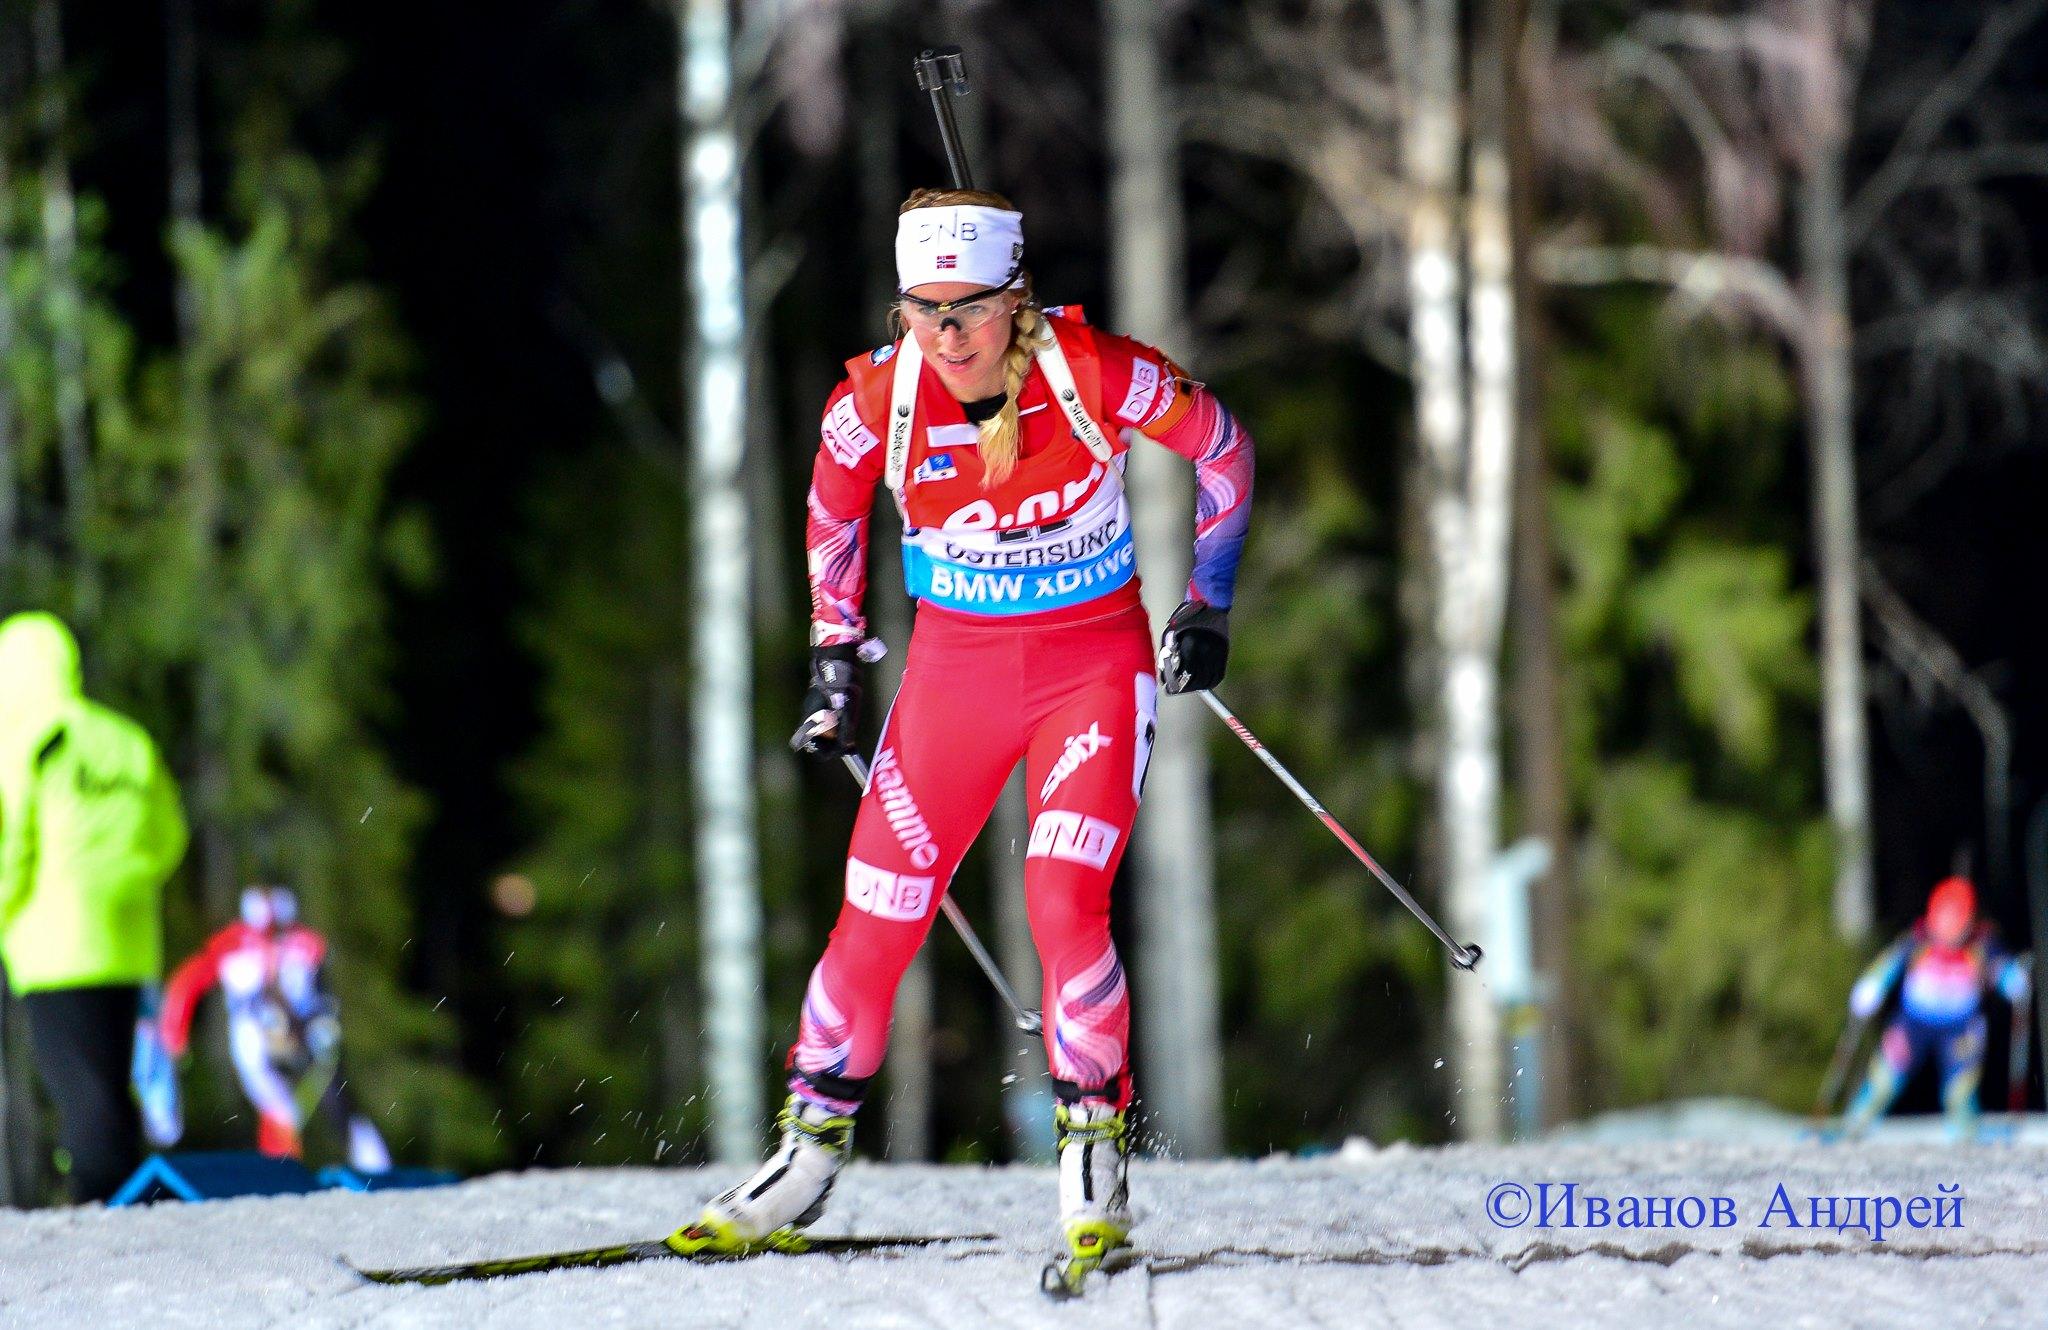 Tesné víťazstvo Eckhoffovej v östersundskom šprinte